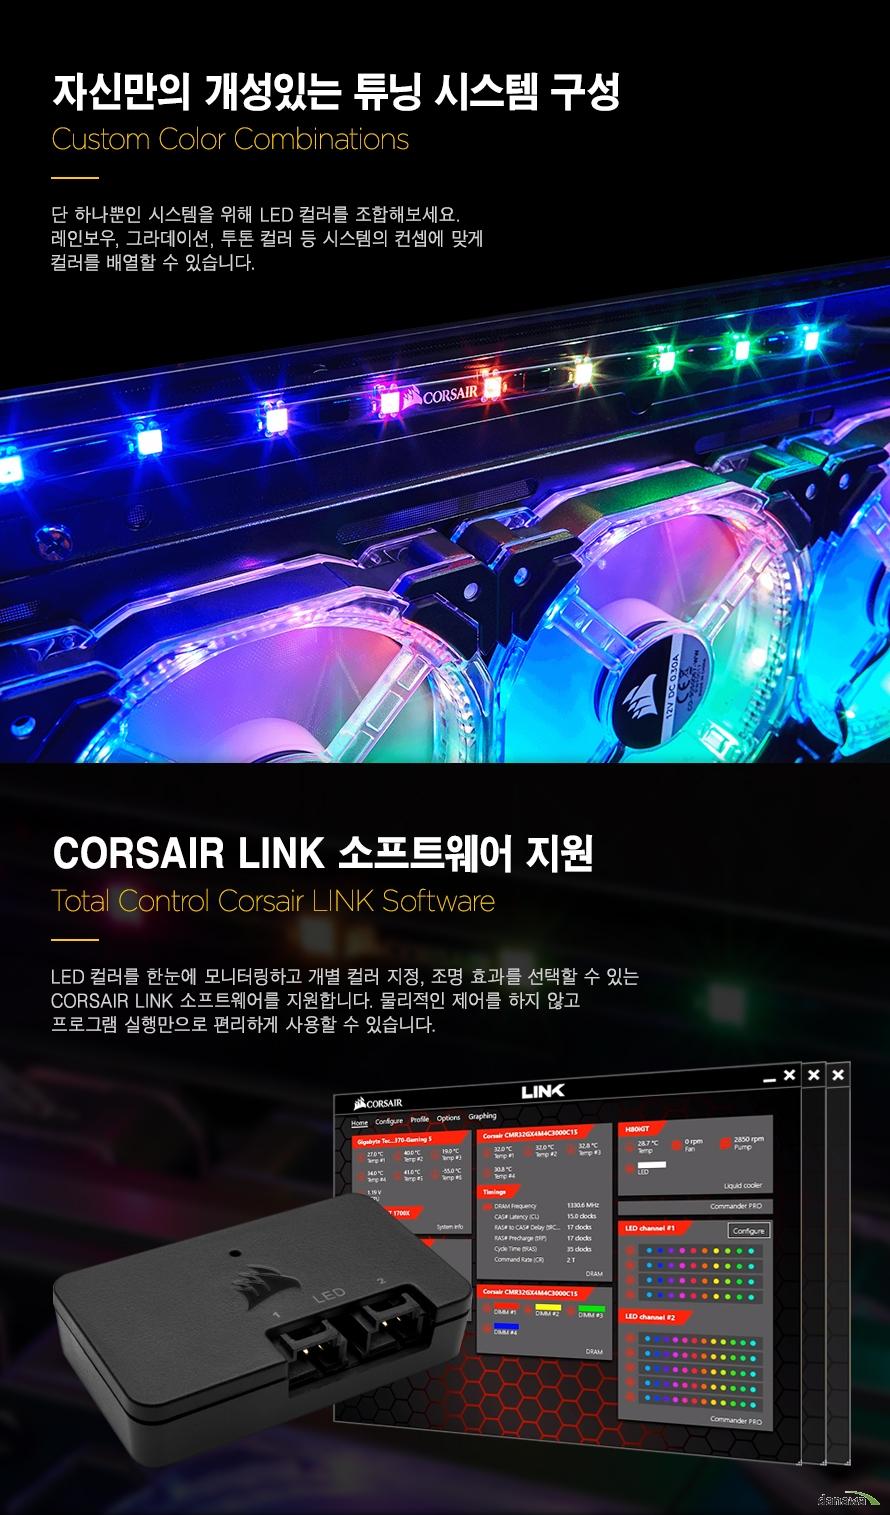 자신만의 개성있는 튜닝 시스템 구성Custom Color Combinations단 하나뿐인 시스템을 위해 LED 컬러를 조합해보세요.레인보우, 그라데이션, 투톤 컬러 등 시스템의 컨셉에 맞게컬러를 배열할 수 있습니다.CORSAIR LINK 소프트웨어 지원Total Control Corsair LINK SoftwareLED 컬러를 한눈에 모니터링하고 개별 컬러 지정, 조명 효과를 선택할 수 있는 CORSAIR LINK 소프트웨어를 지원합니다. 물리적인 제어를 하지 않고프로그램 실행만으로 편리하게 사용할 수 있습니다.